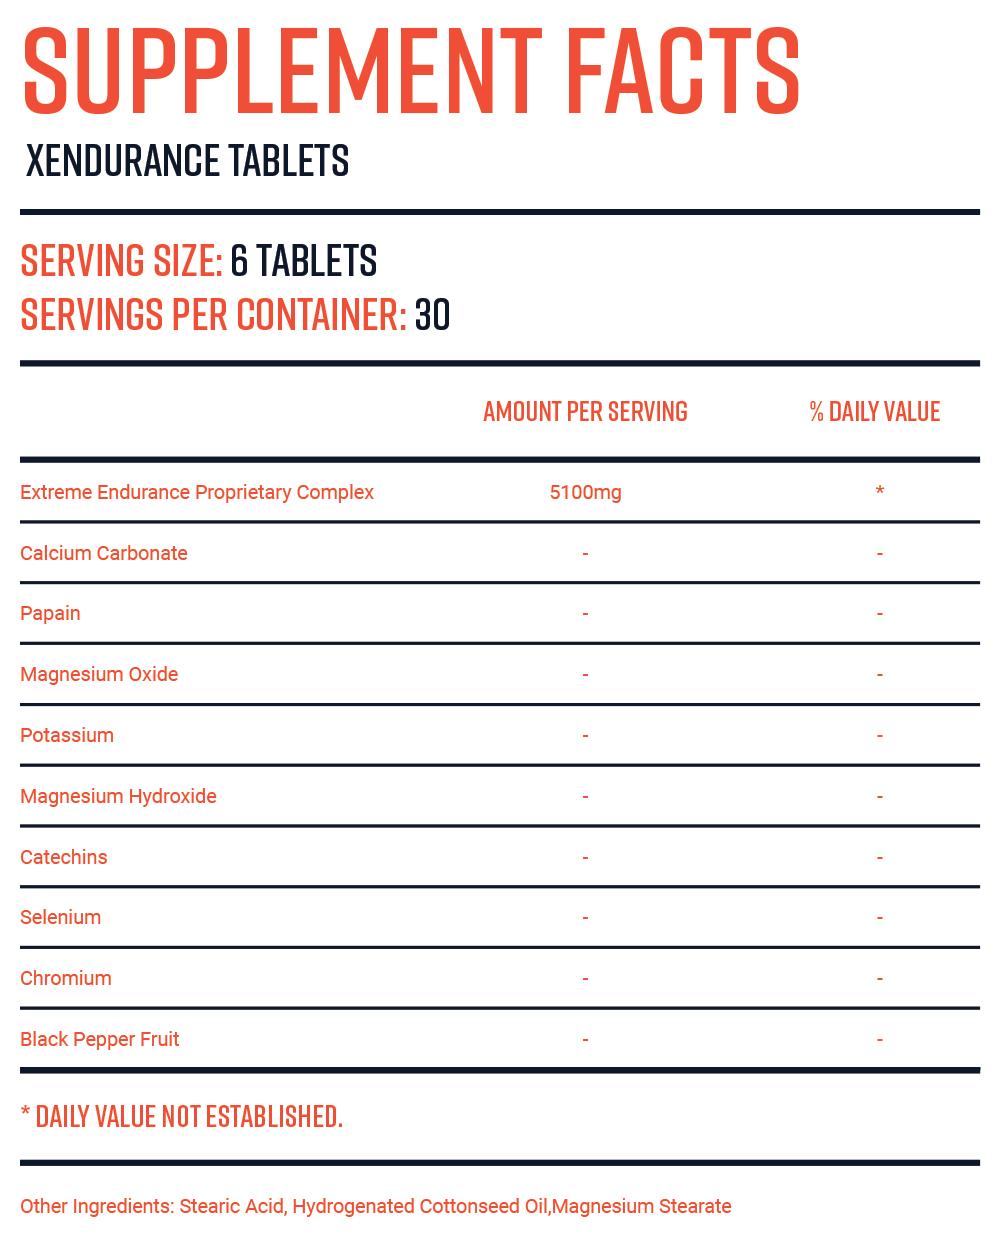 Xendurance-Tablets